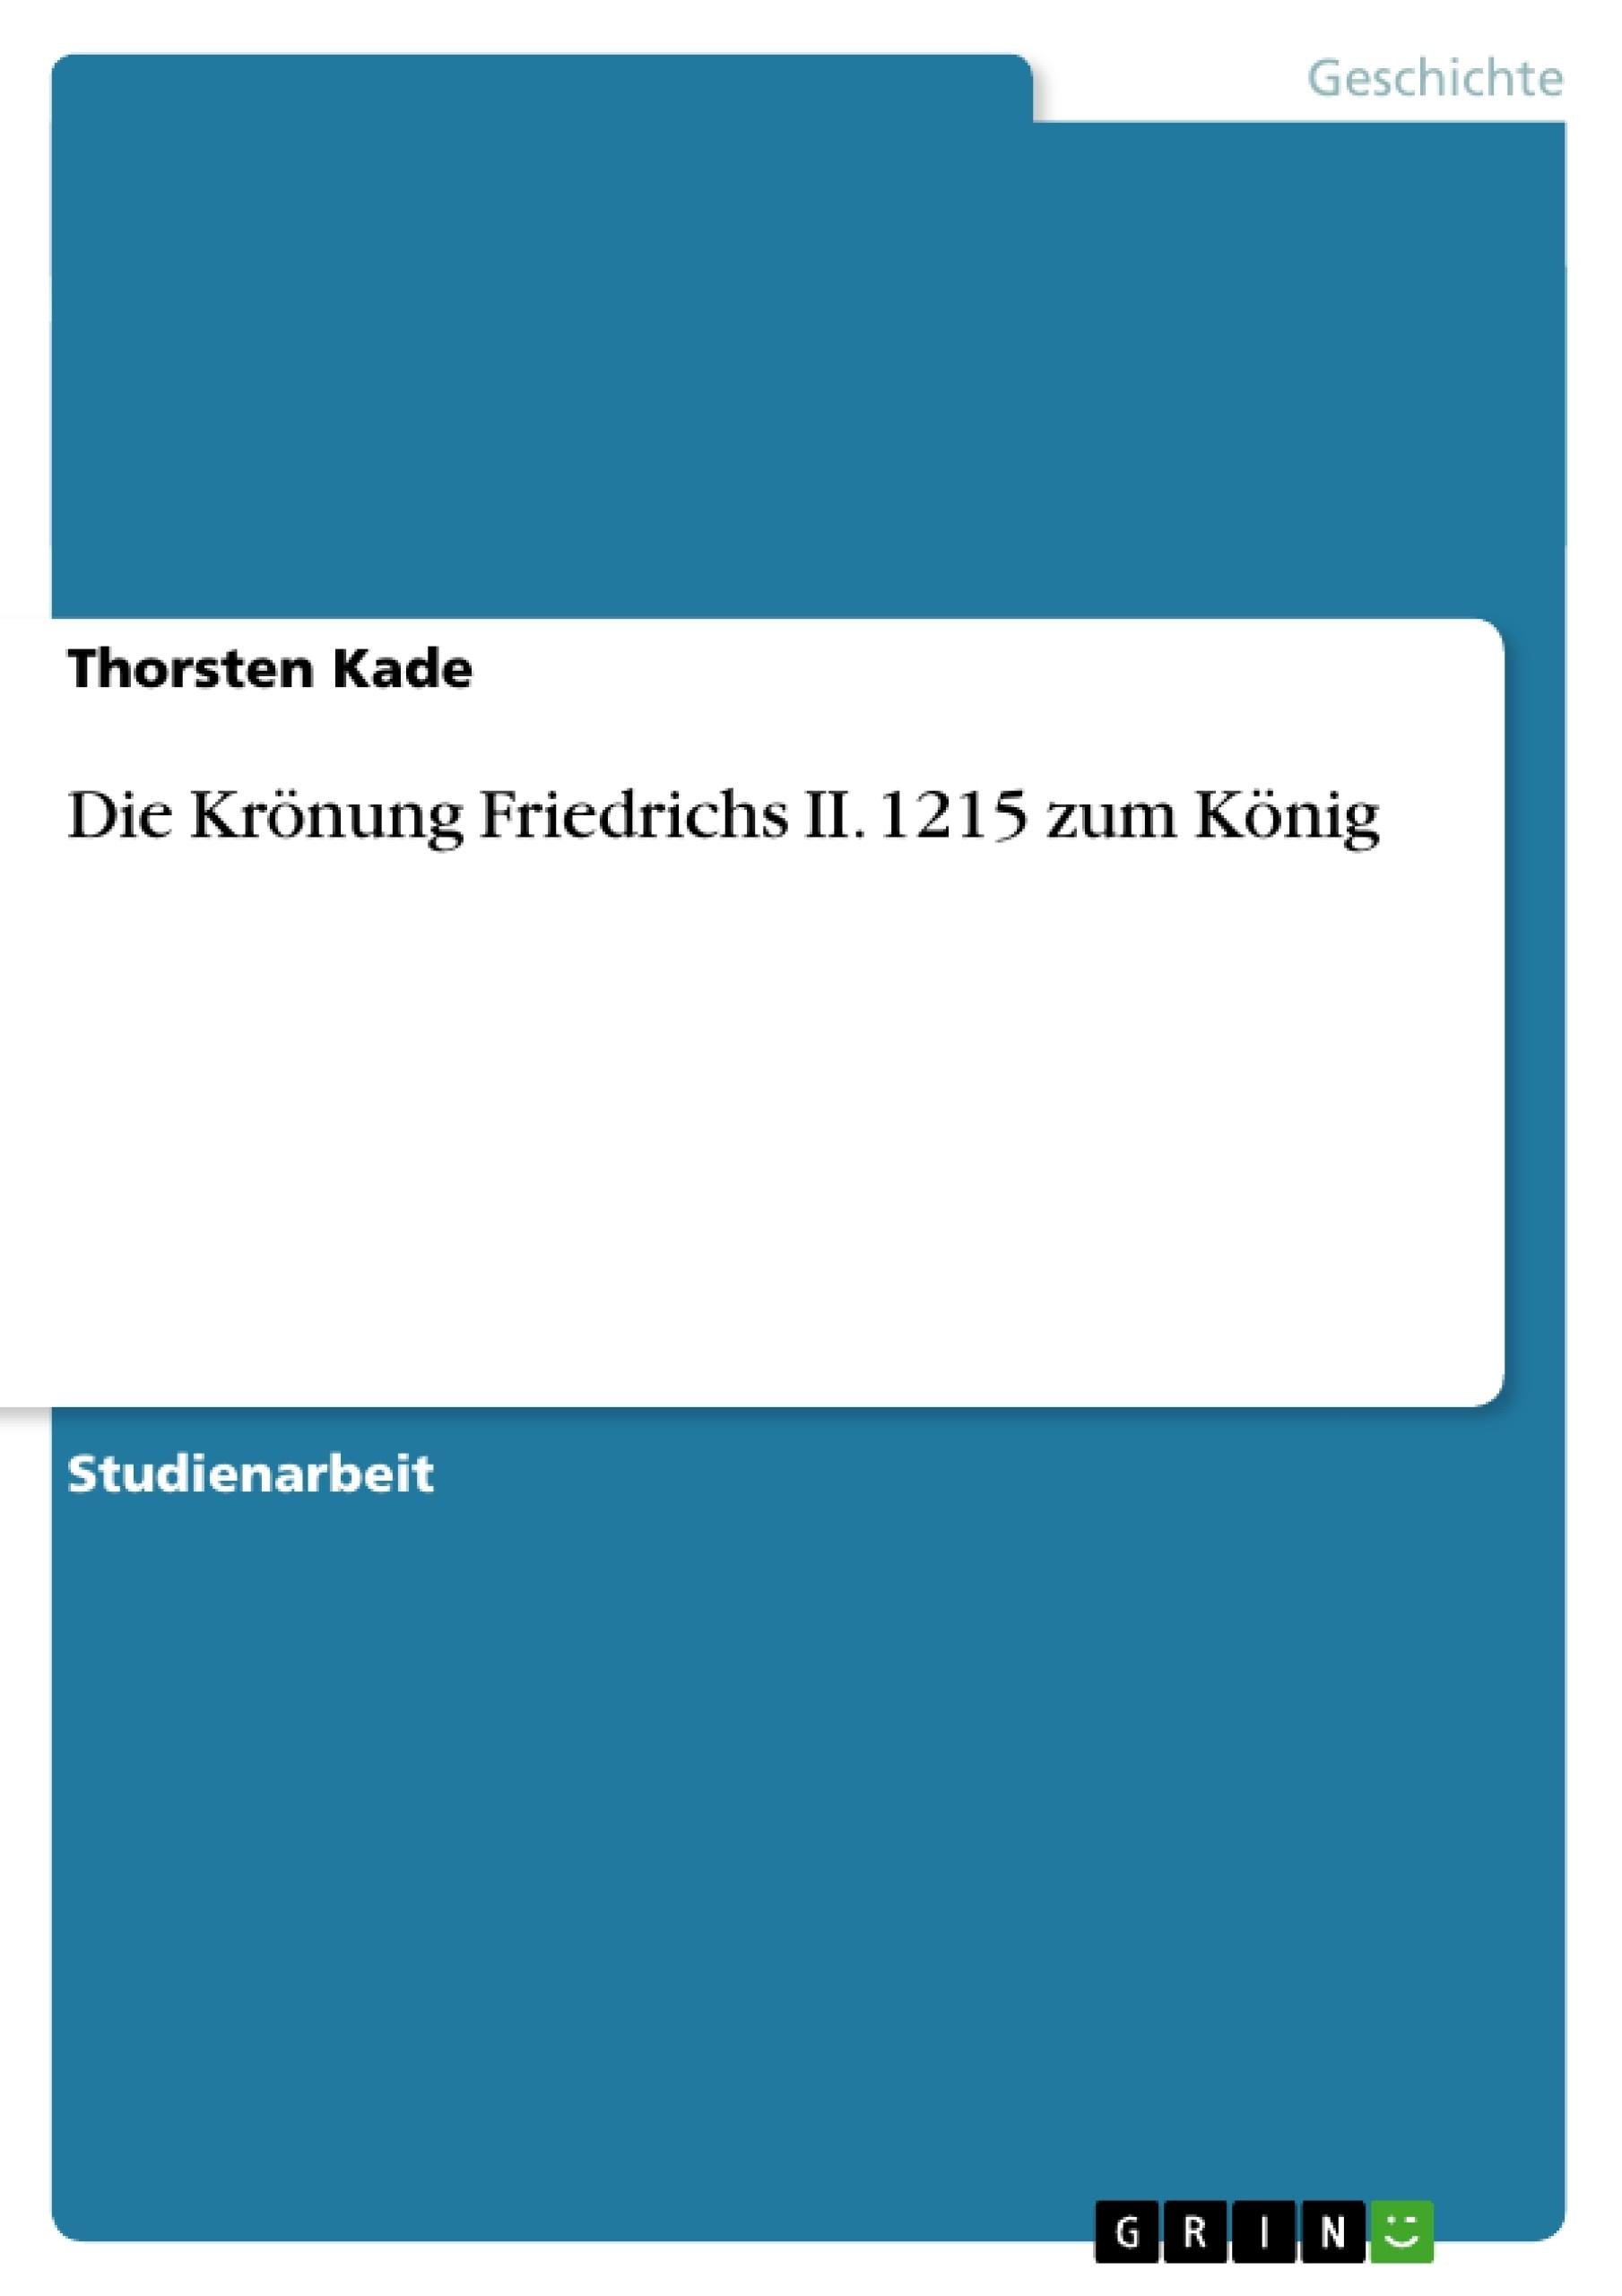 Titel: Die Krönung Friedrichs II. 1215 zum König